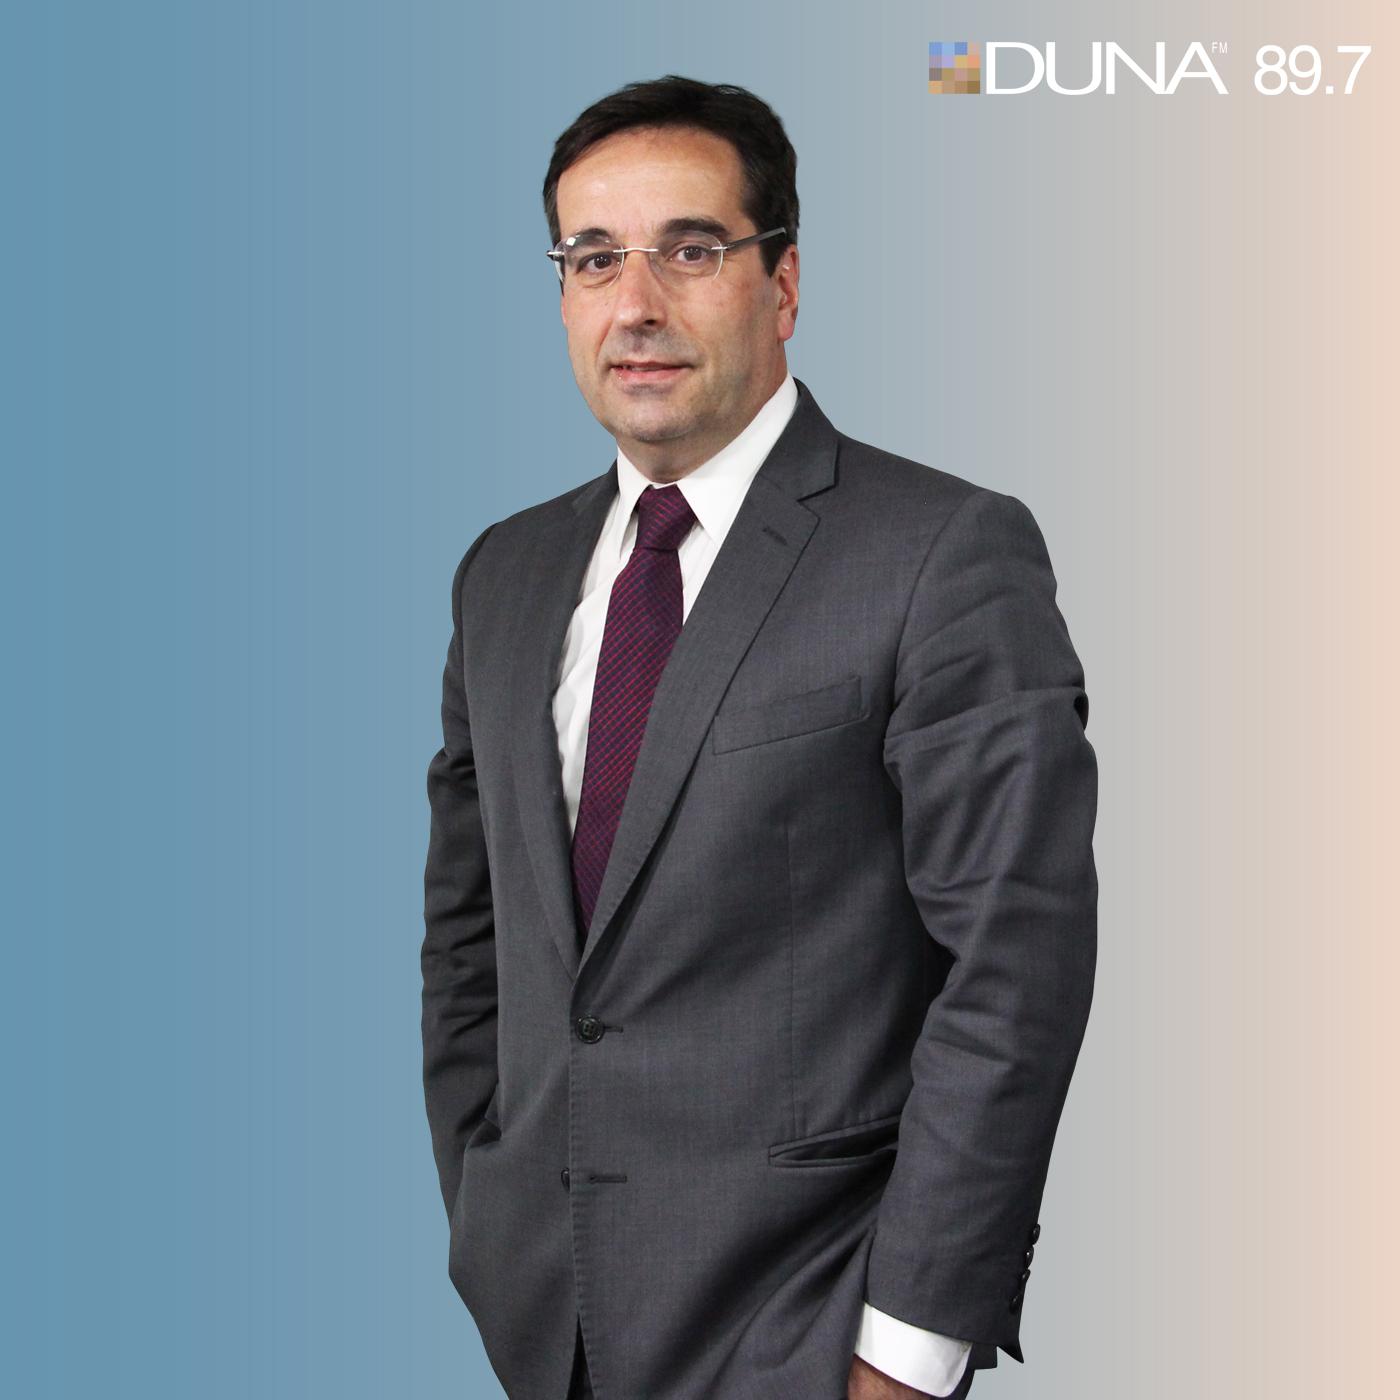 Radio Duna - Enfoque Duna